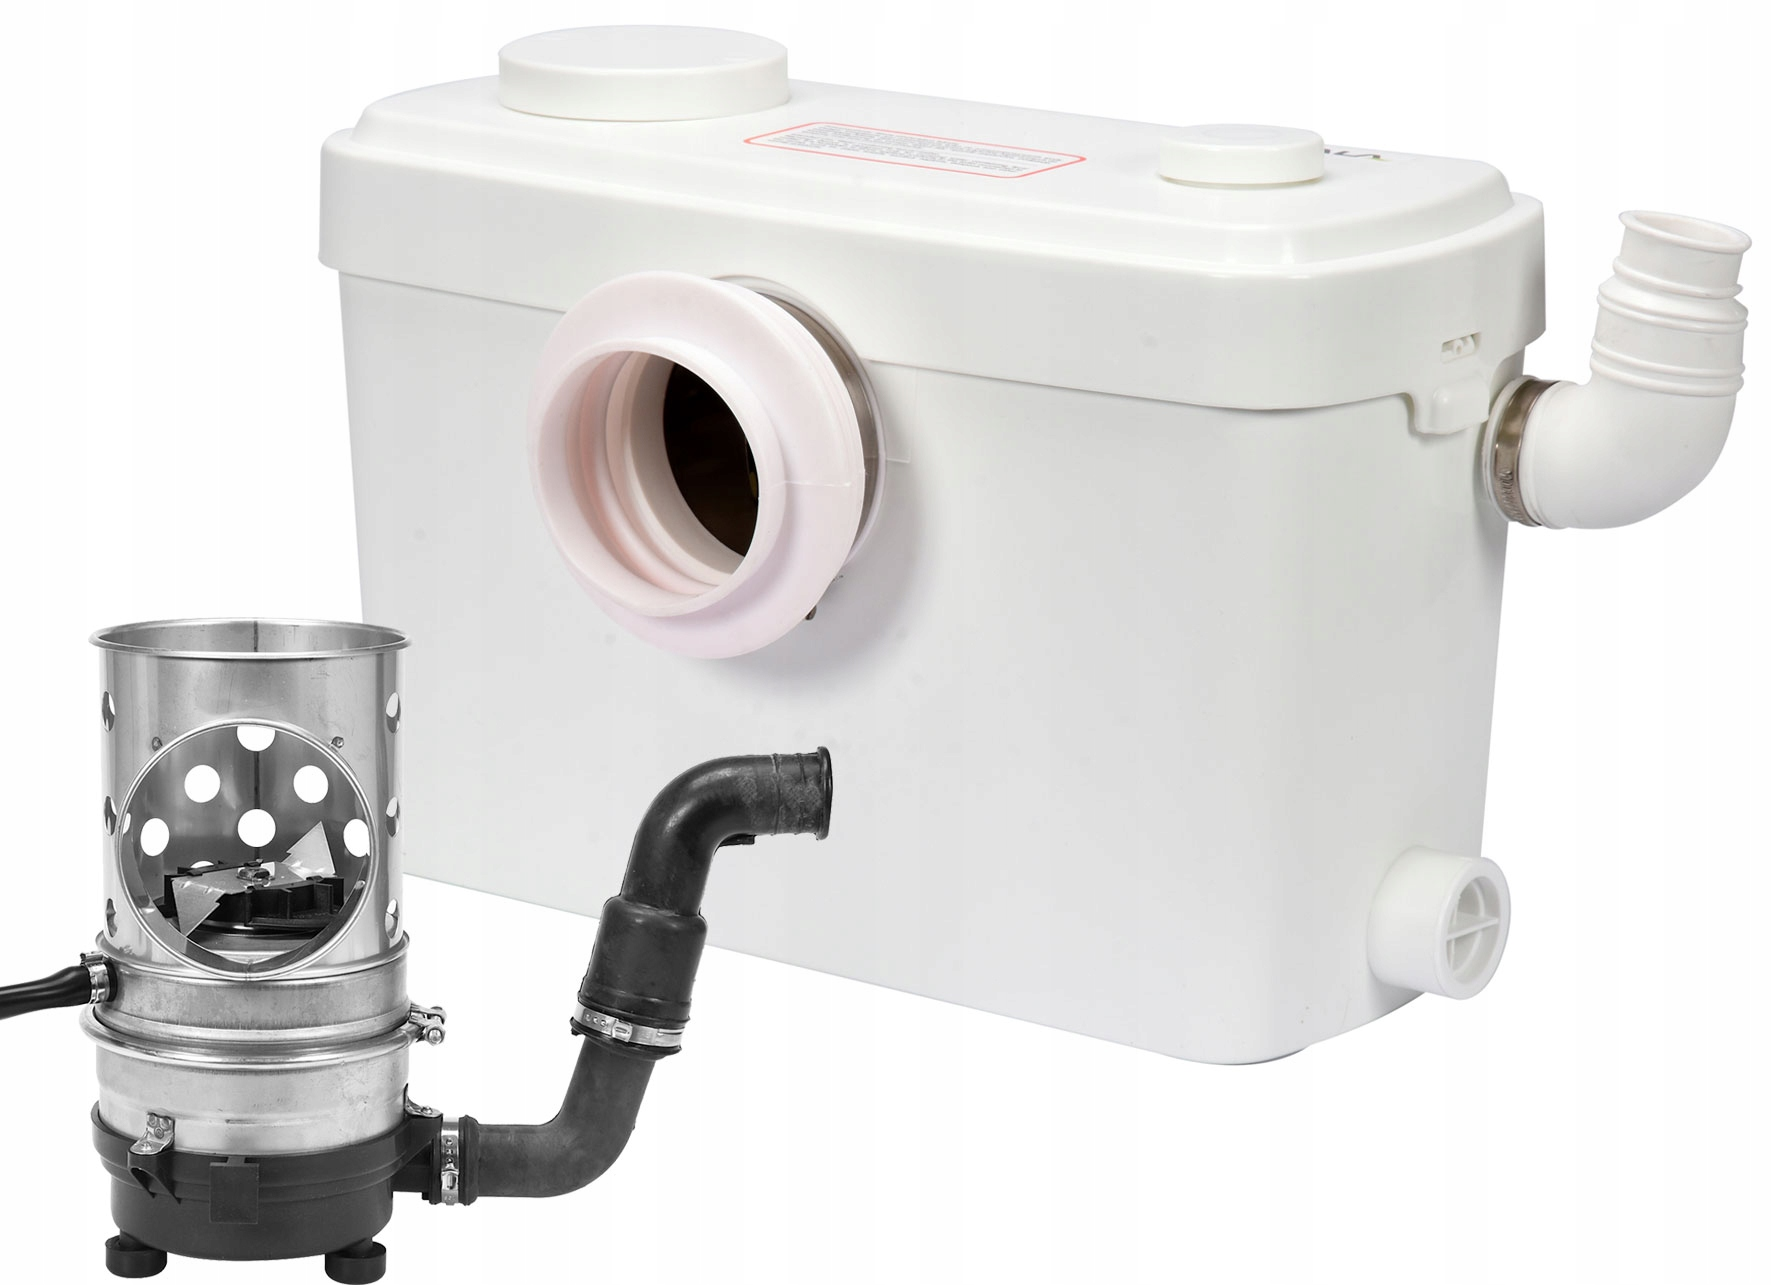 Фекальный насос с измельчителем для туалета (унитаза): правильная установка